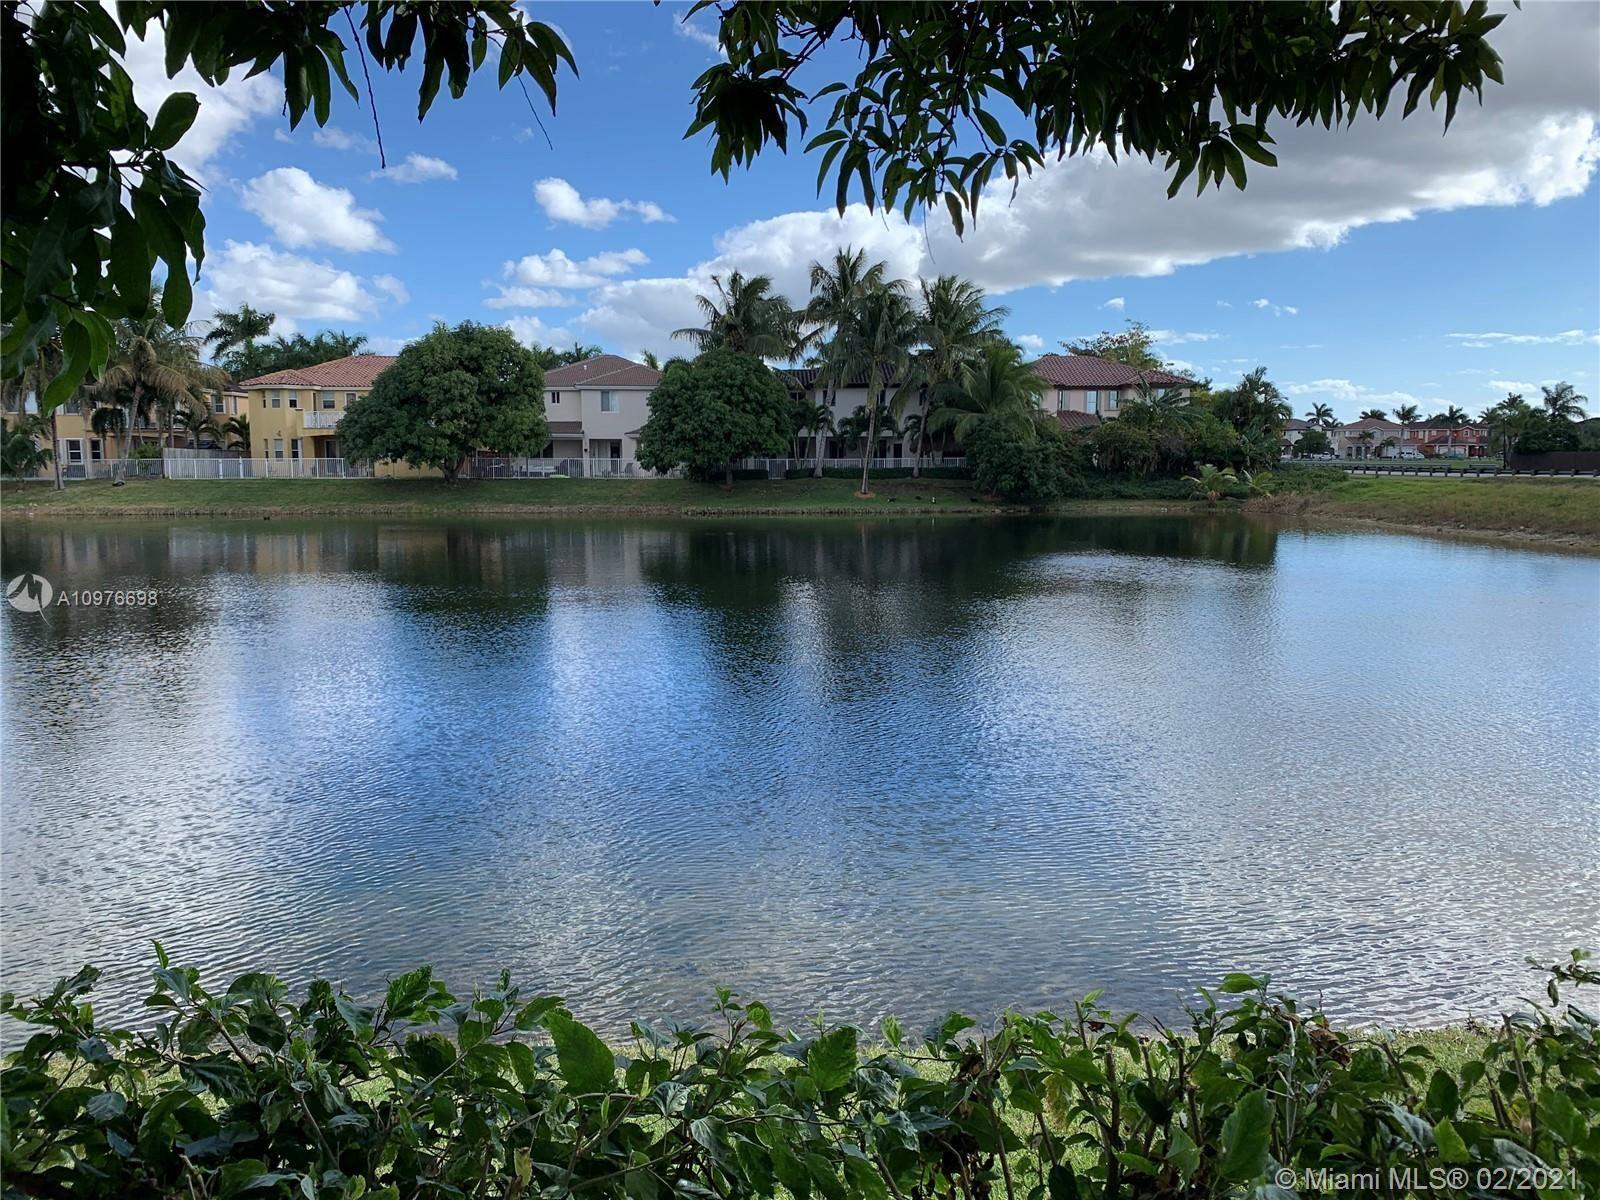 6351 SW 164 Path, Miami, FL 33193 - #: A10976698